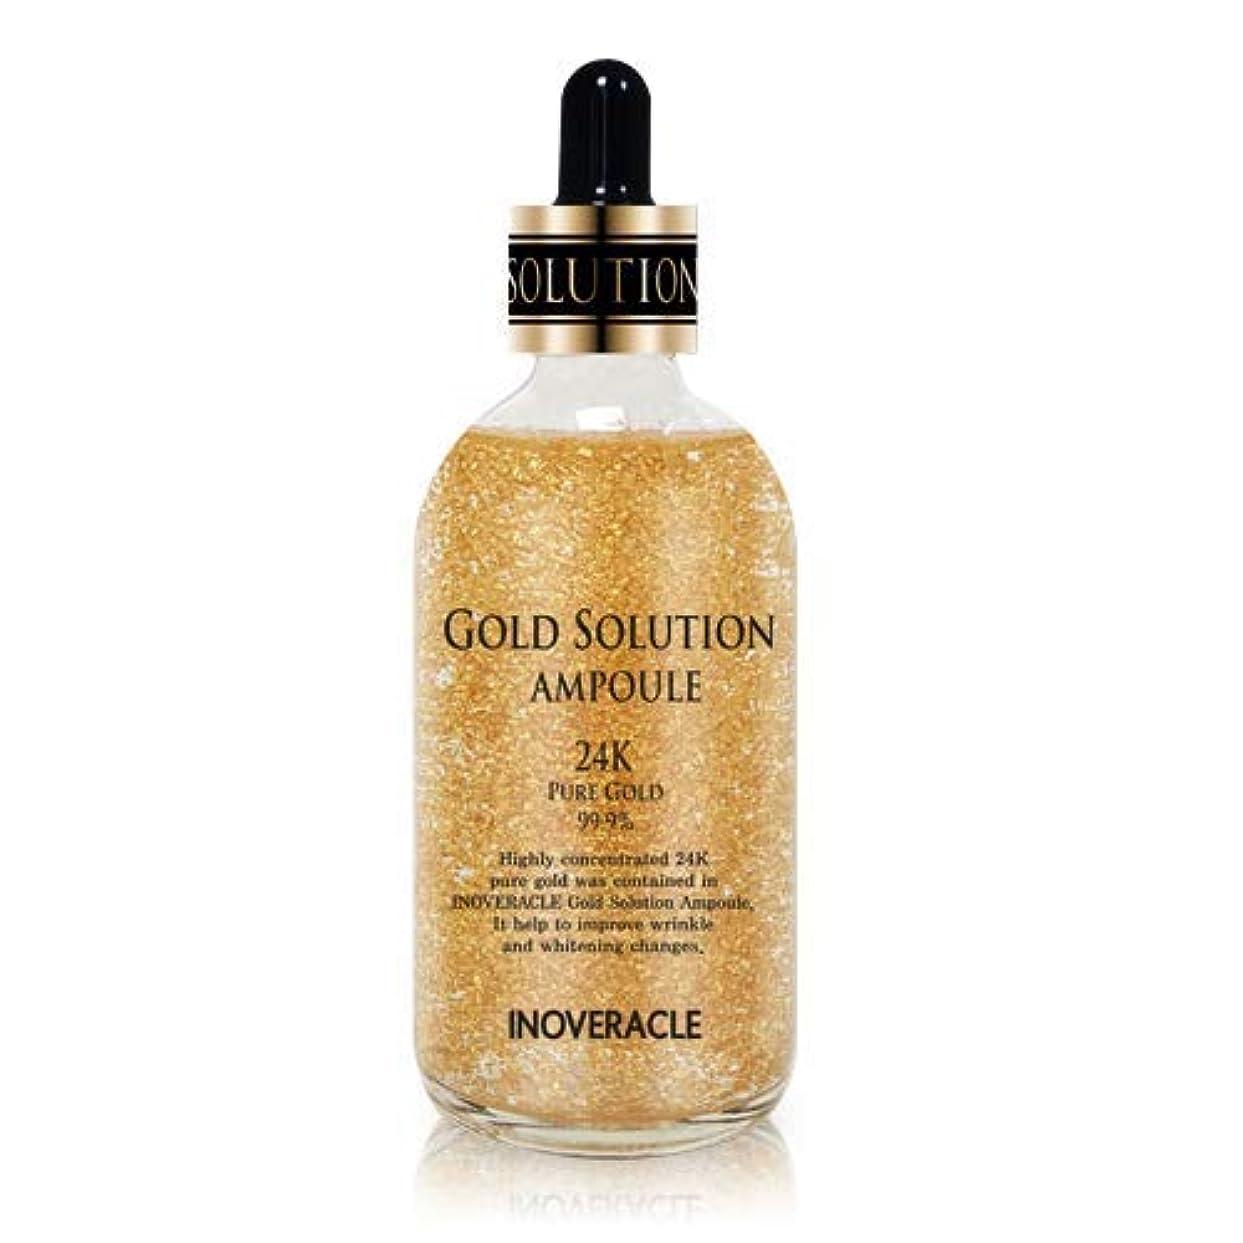 パキスタン人ダッシュ増幅器INOVERACLE GOLD SOLUTION AMPOULE 24K 99.9% 純金 アンプル 100ml 美容液 スキンケア 韓国化粧品 光沢お肌 美白美容液